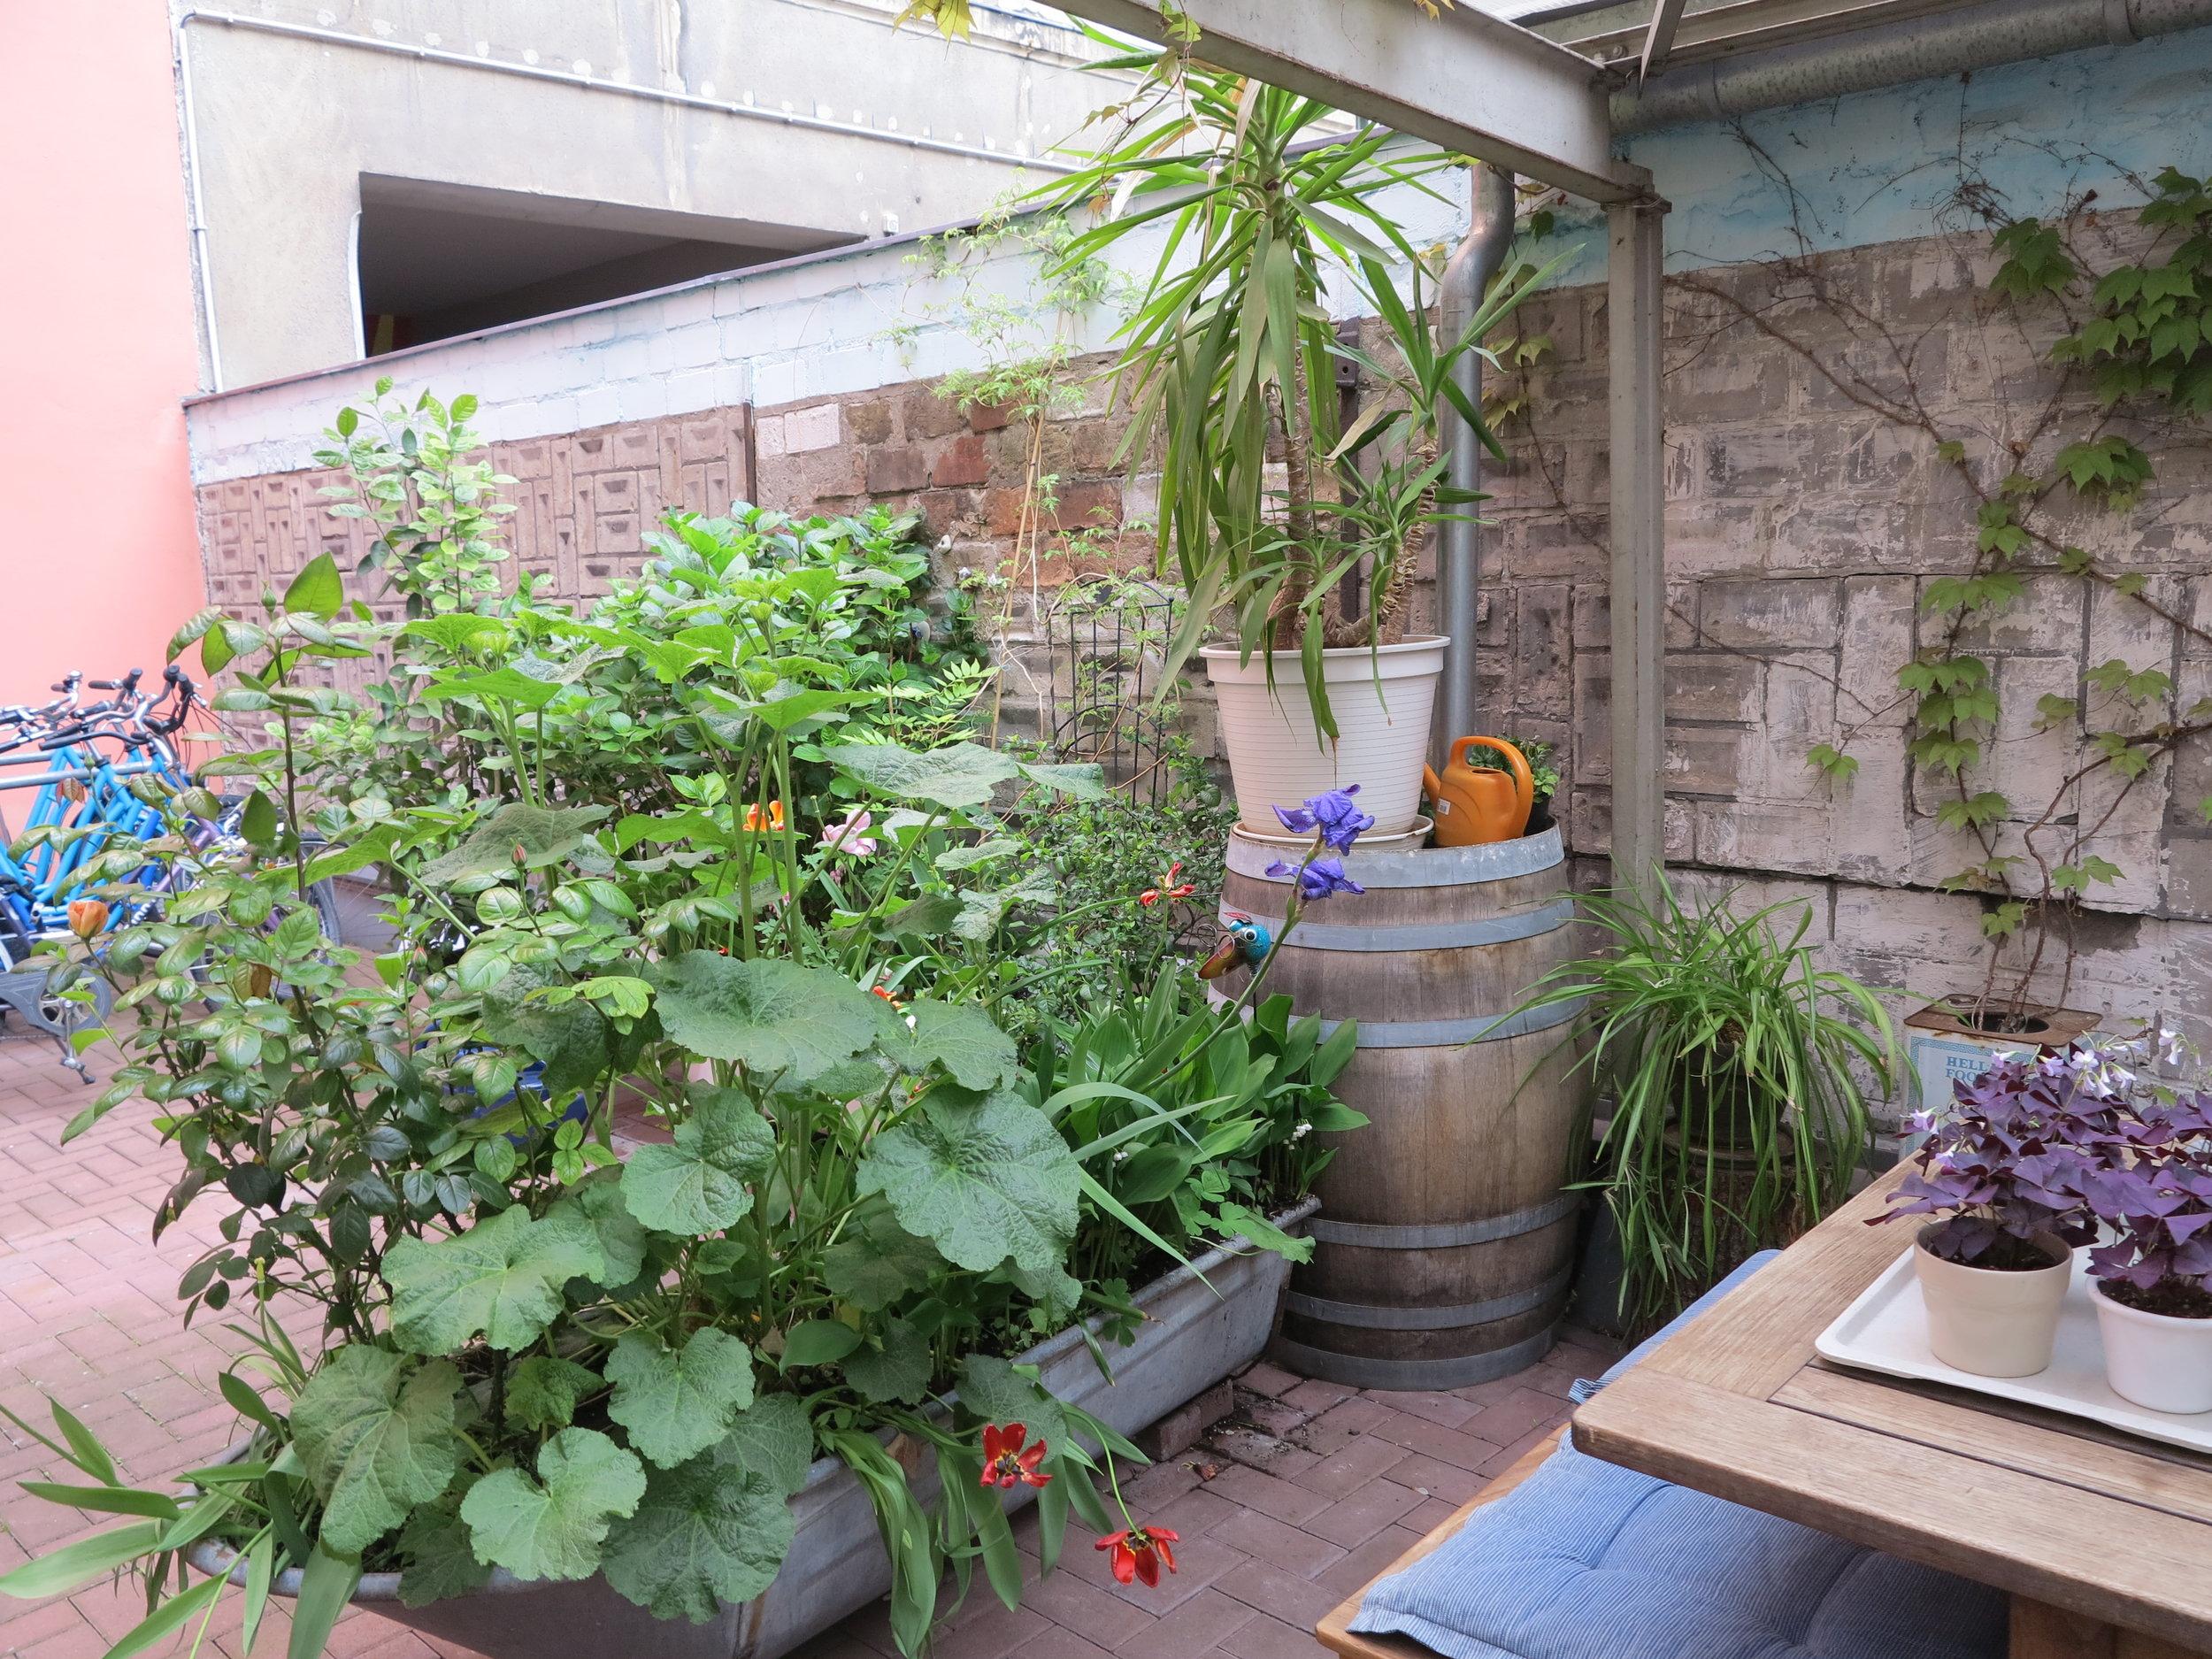 Idyllisch: der Garten im Innenhof